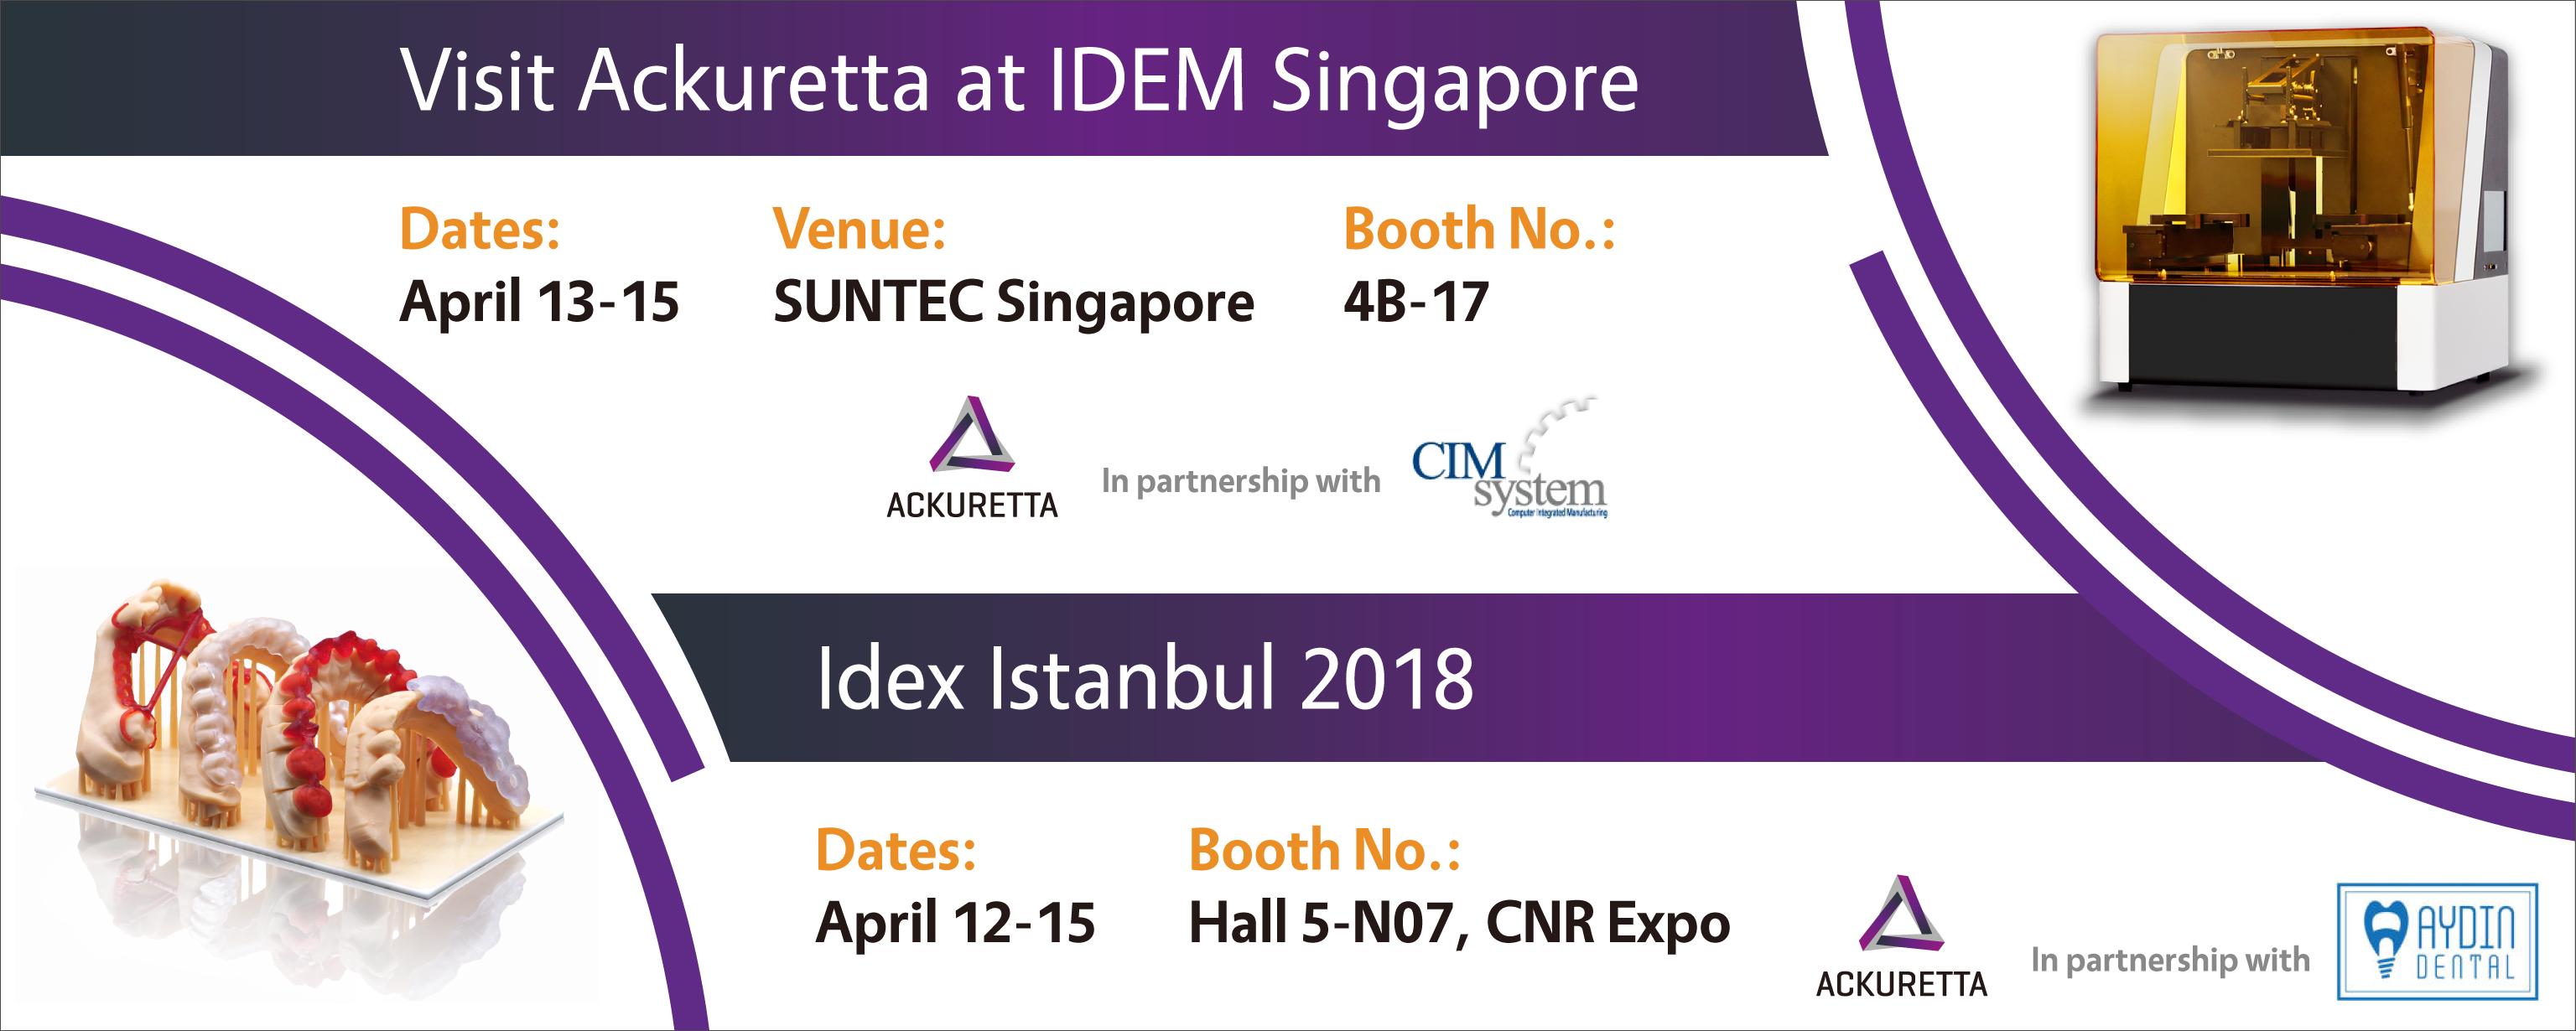 Ackuretta at IDEM and Idex